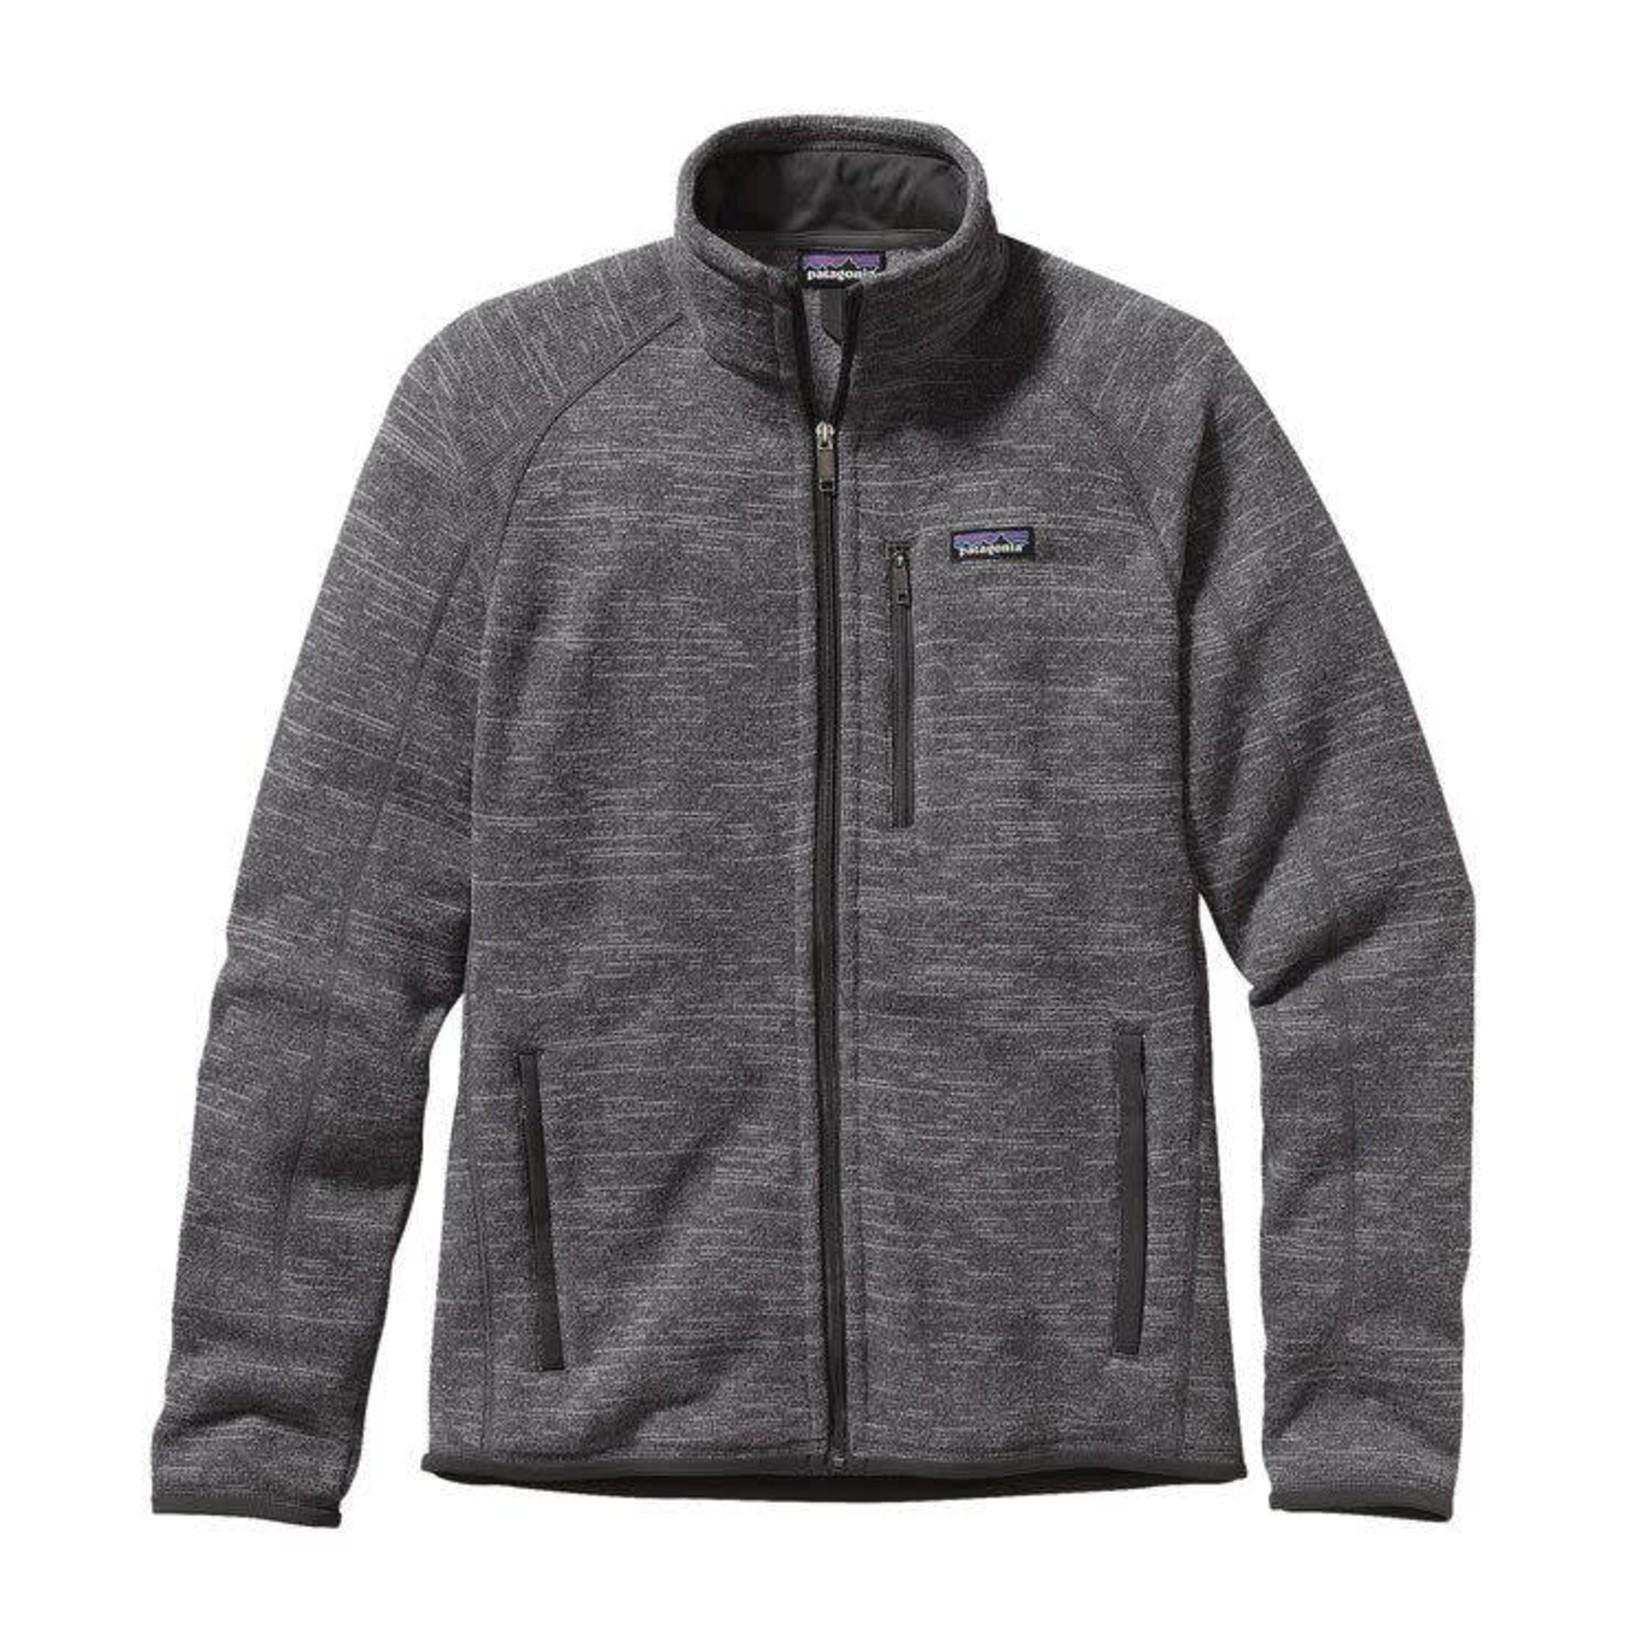 Patagonia Patagonia Men's Better Sweater Fleece Jacket